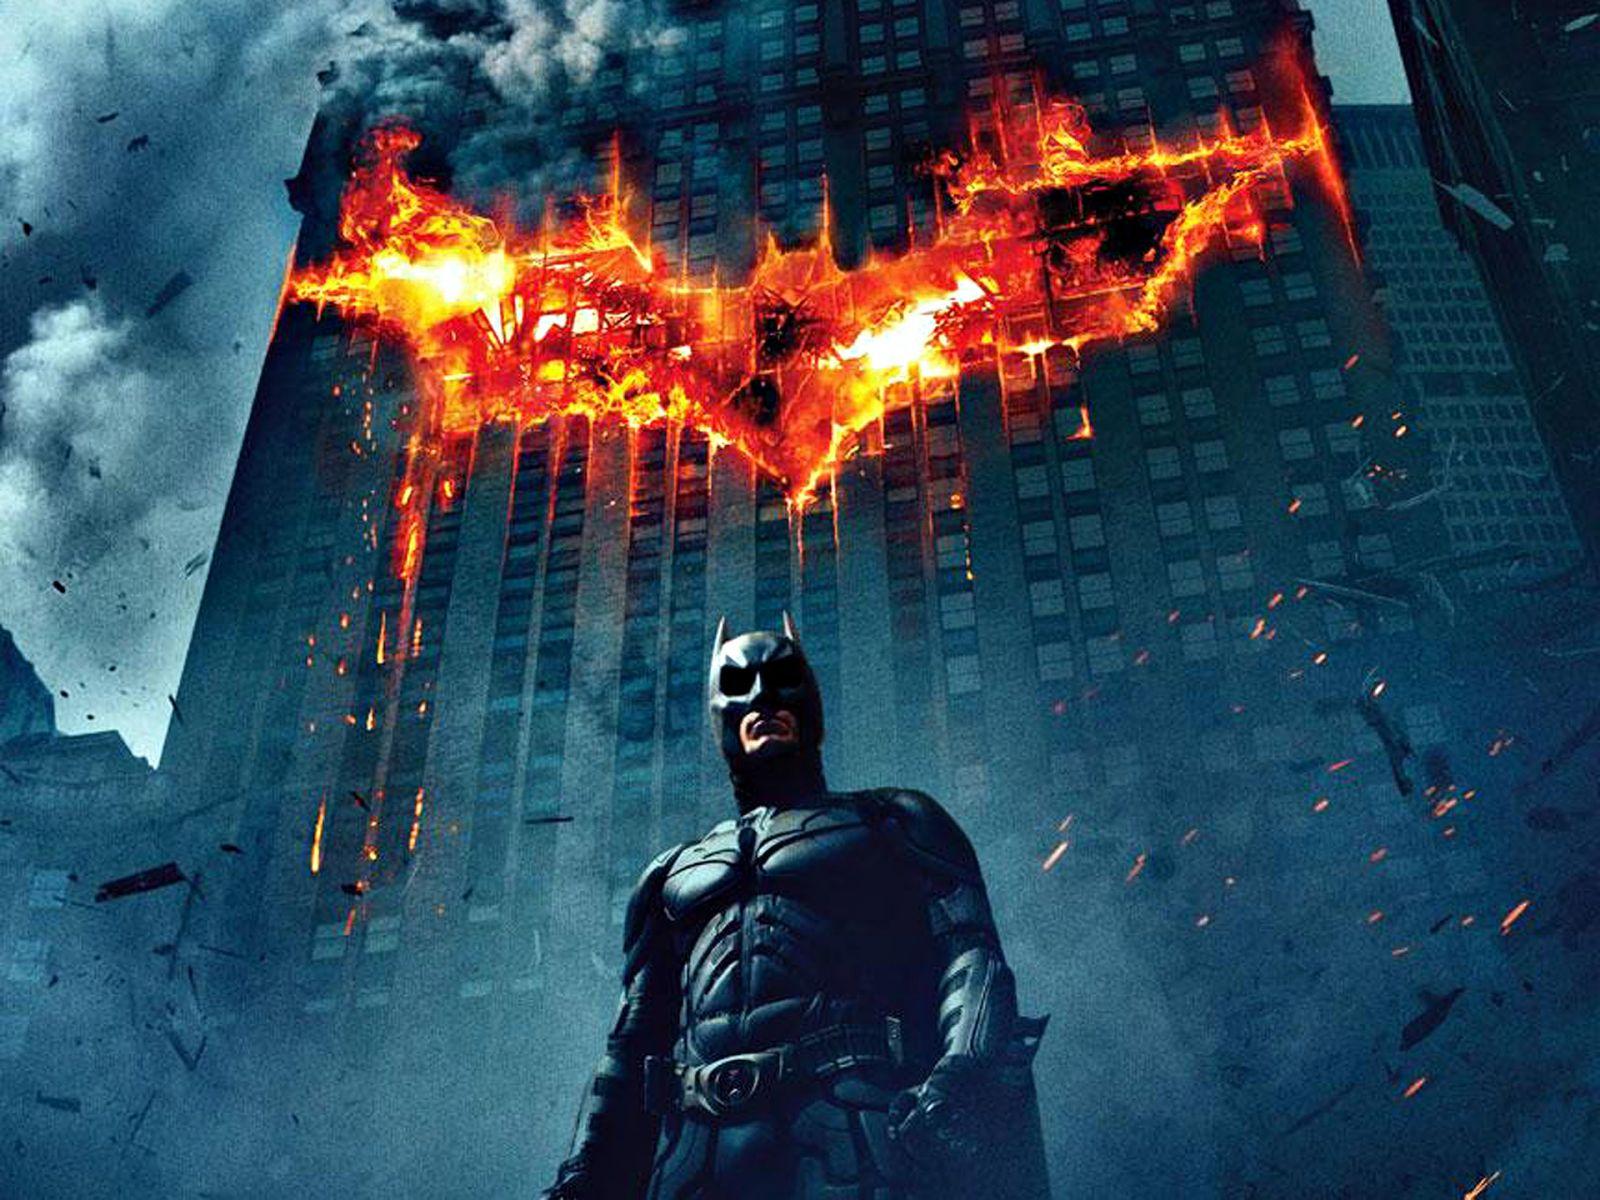 Batman Burning Logo On Building Wallpaper 1600x1200